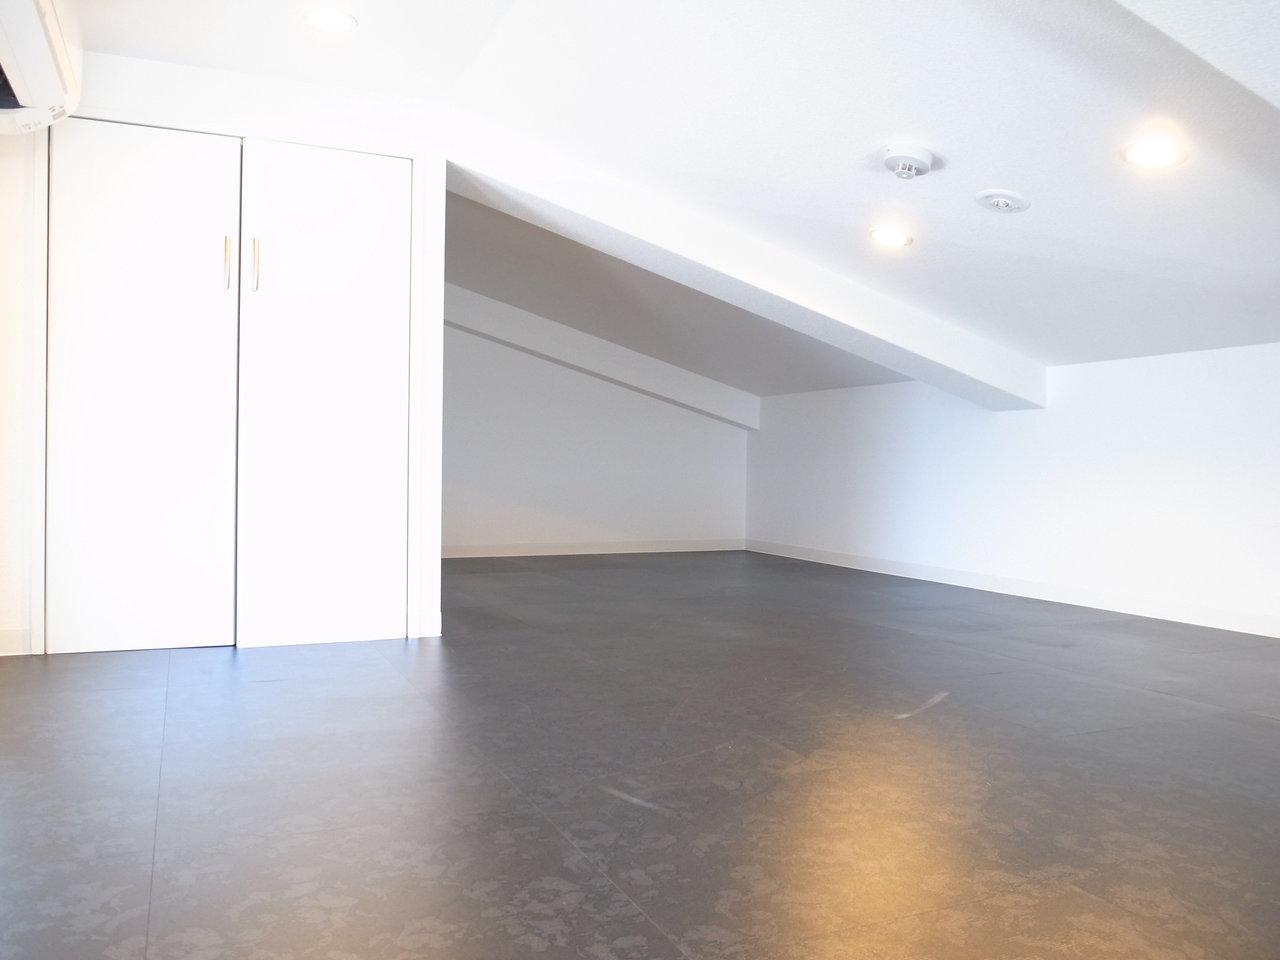 安定した階段を上がっていくと、ロフトへ。ここだけで7.8畳。天井は低めですが収納スペースやエアコンもあるので、使い勝手は良さそう。